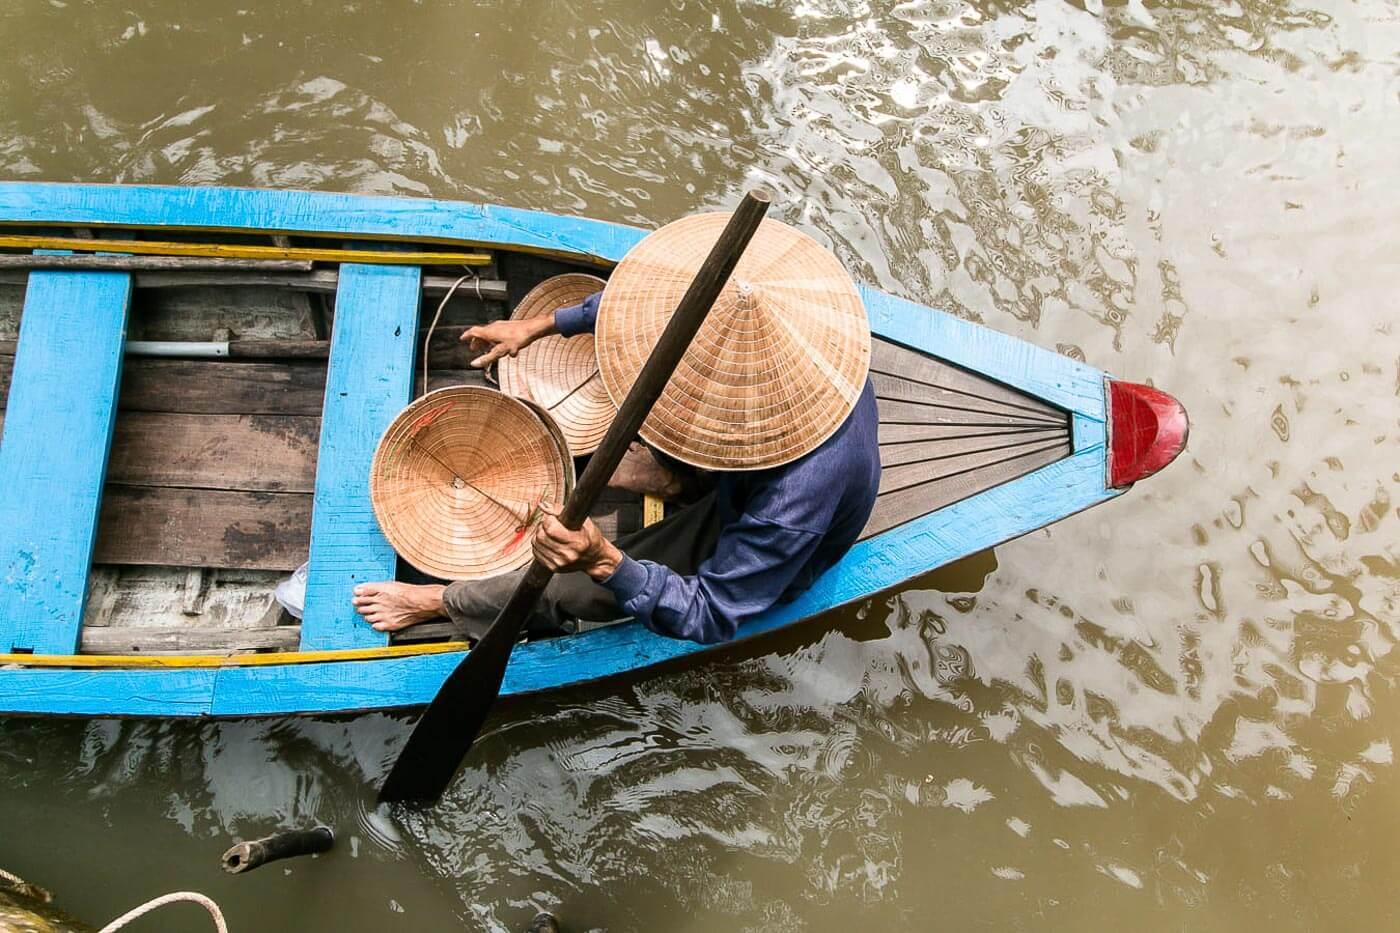 Turismo no Vietna - Barco e Pessoa